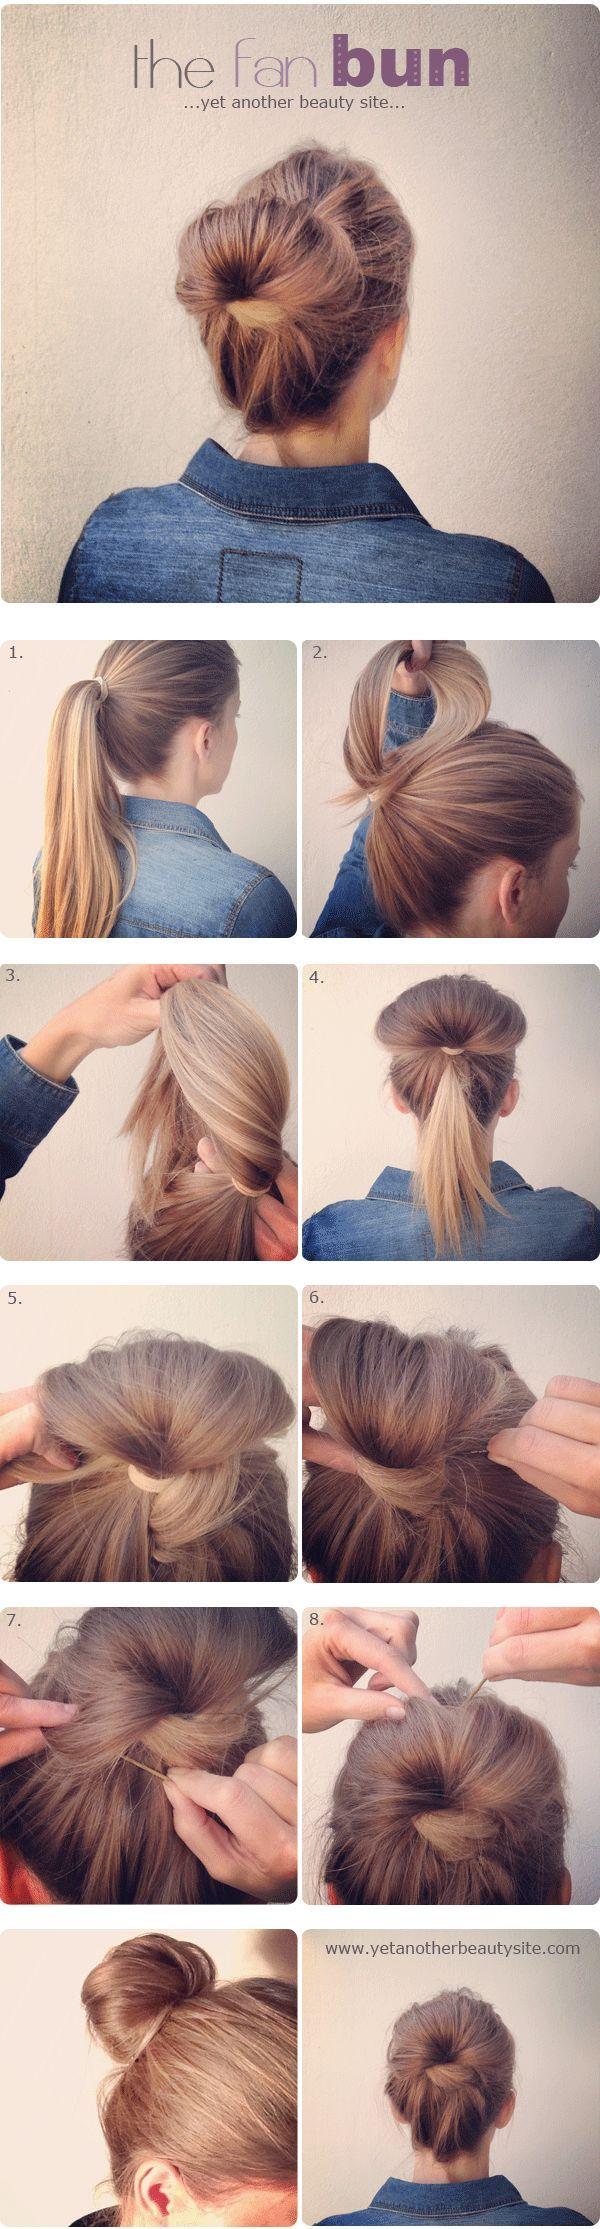 Tutoriais cabelo: ideias de cabelo simples e bonito para a semana